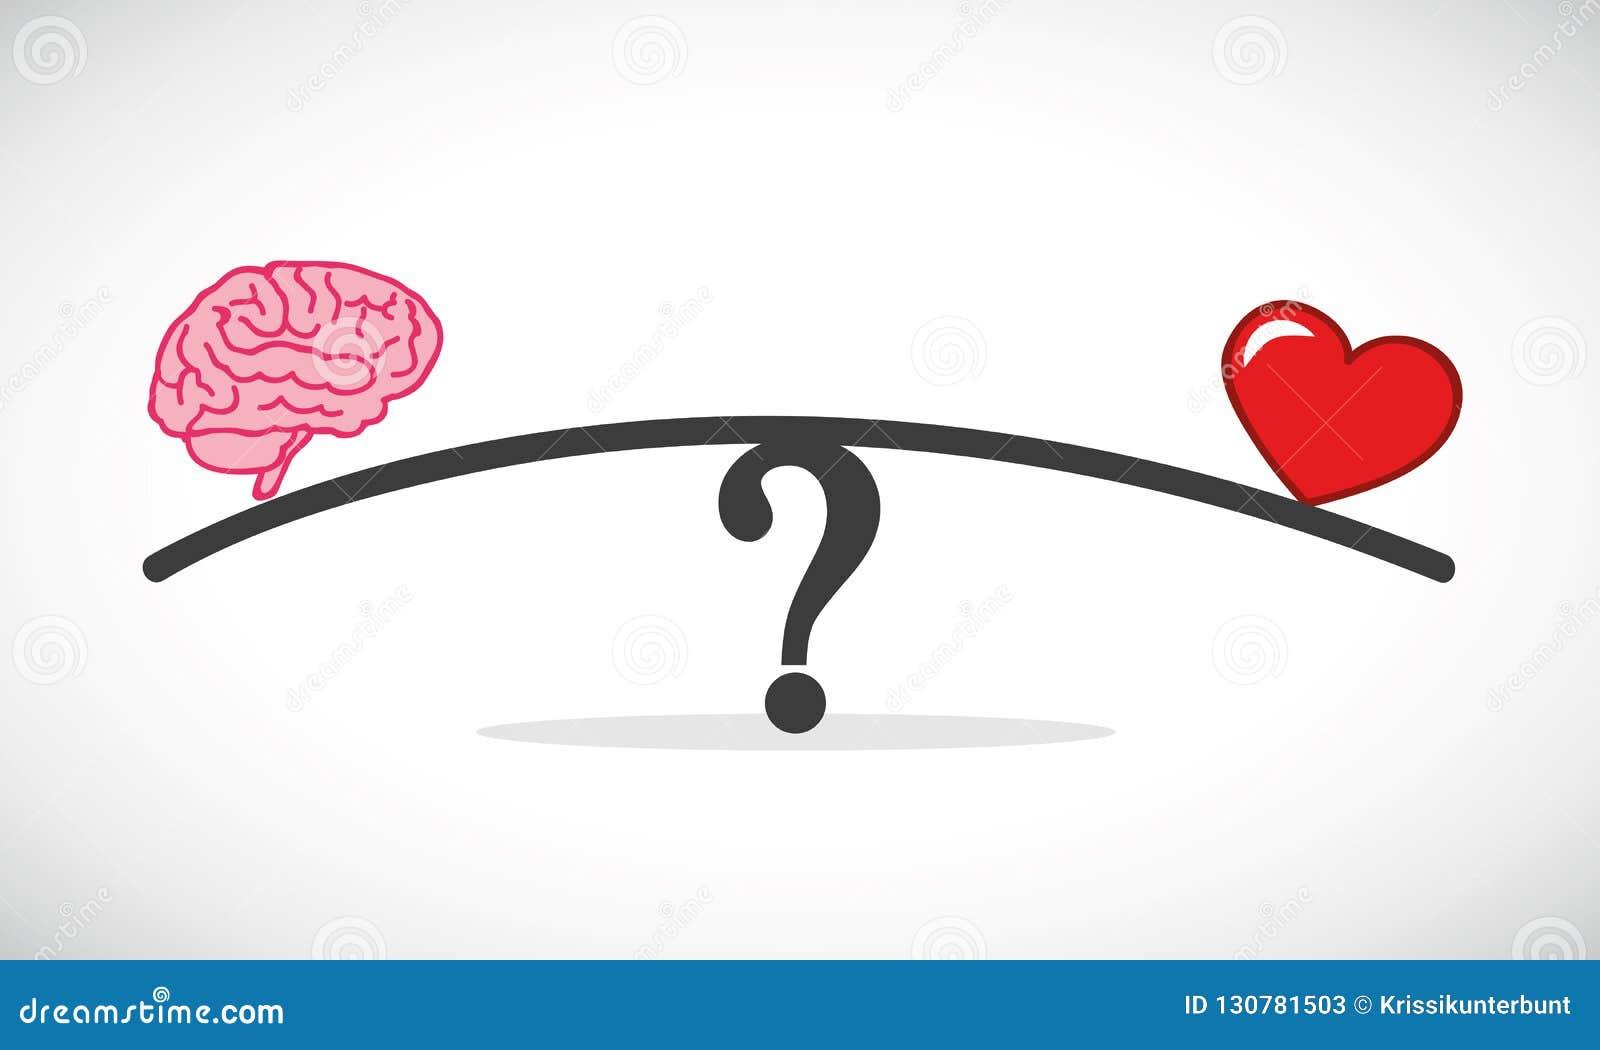 Conflicto del corazón y del concepto del cerebro entre las emociones y el libra de pensamiento racional